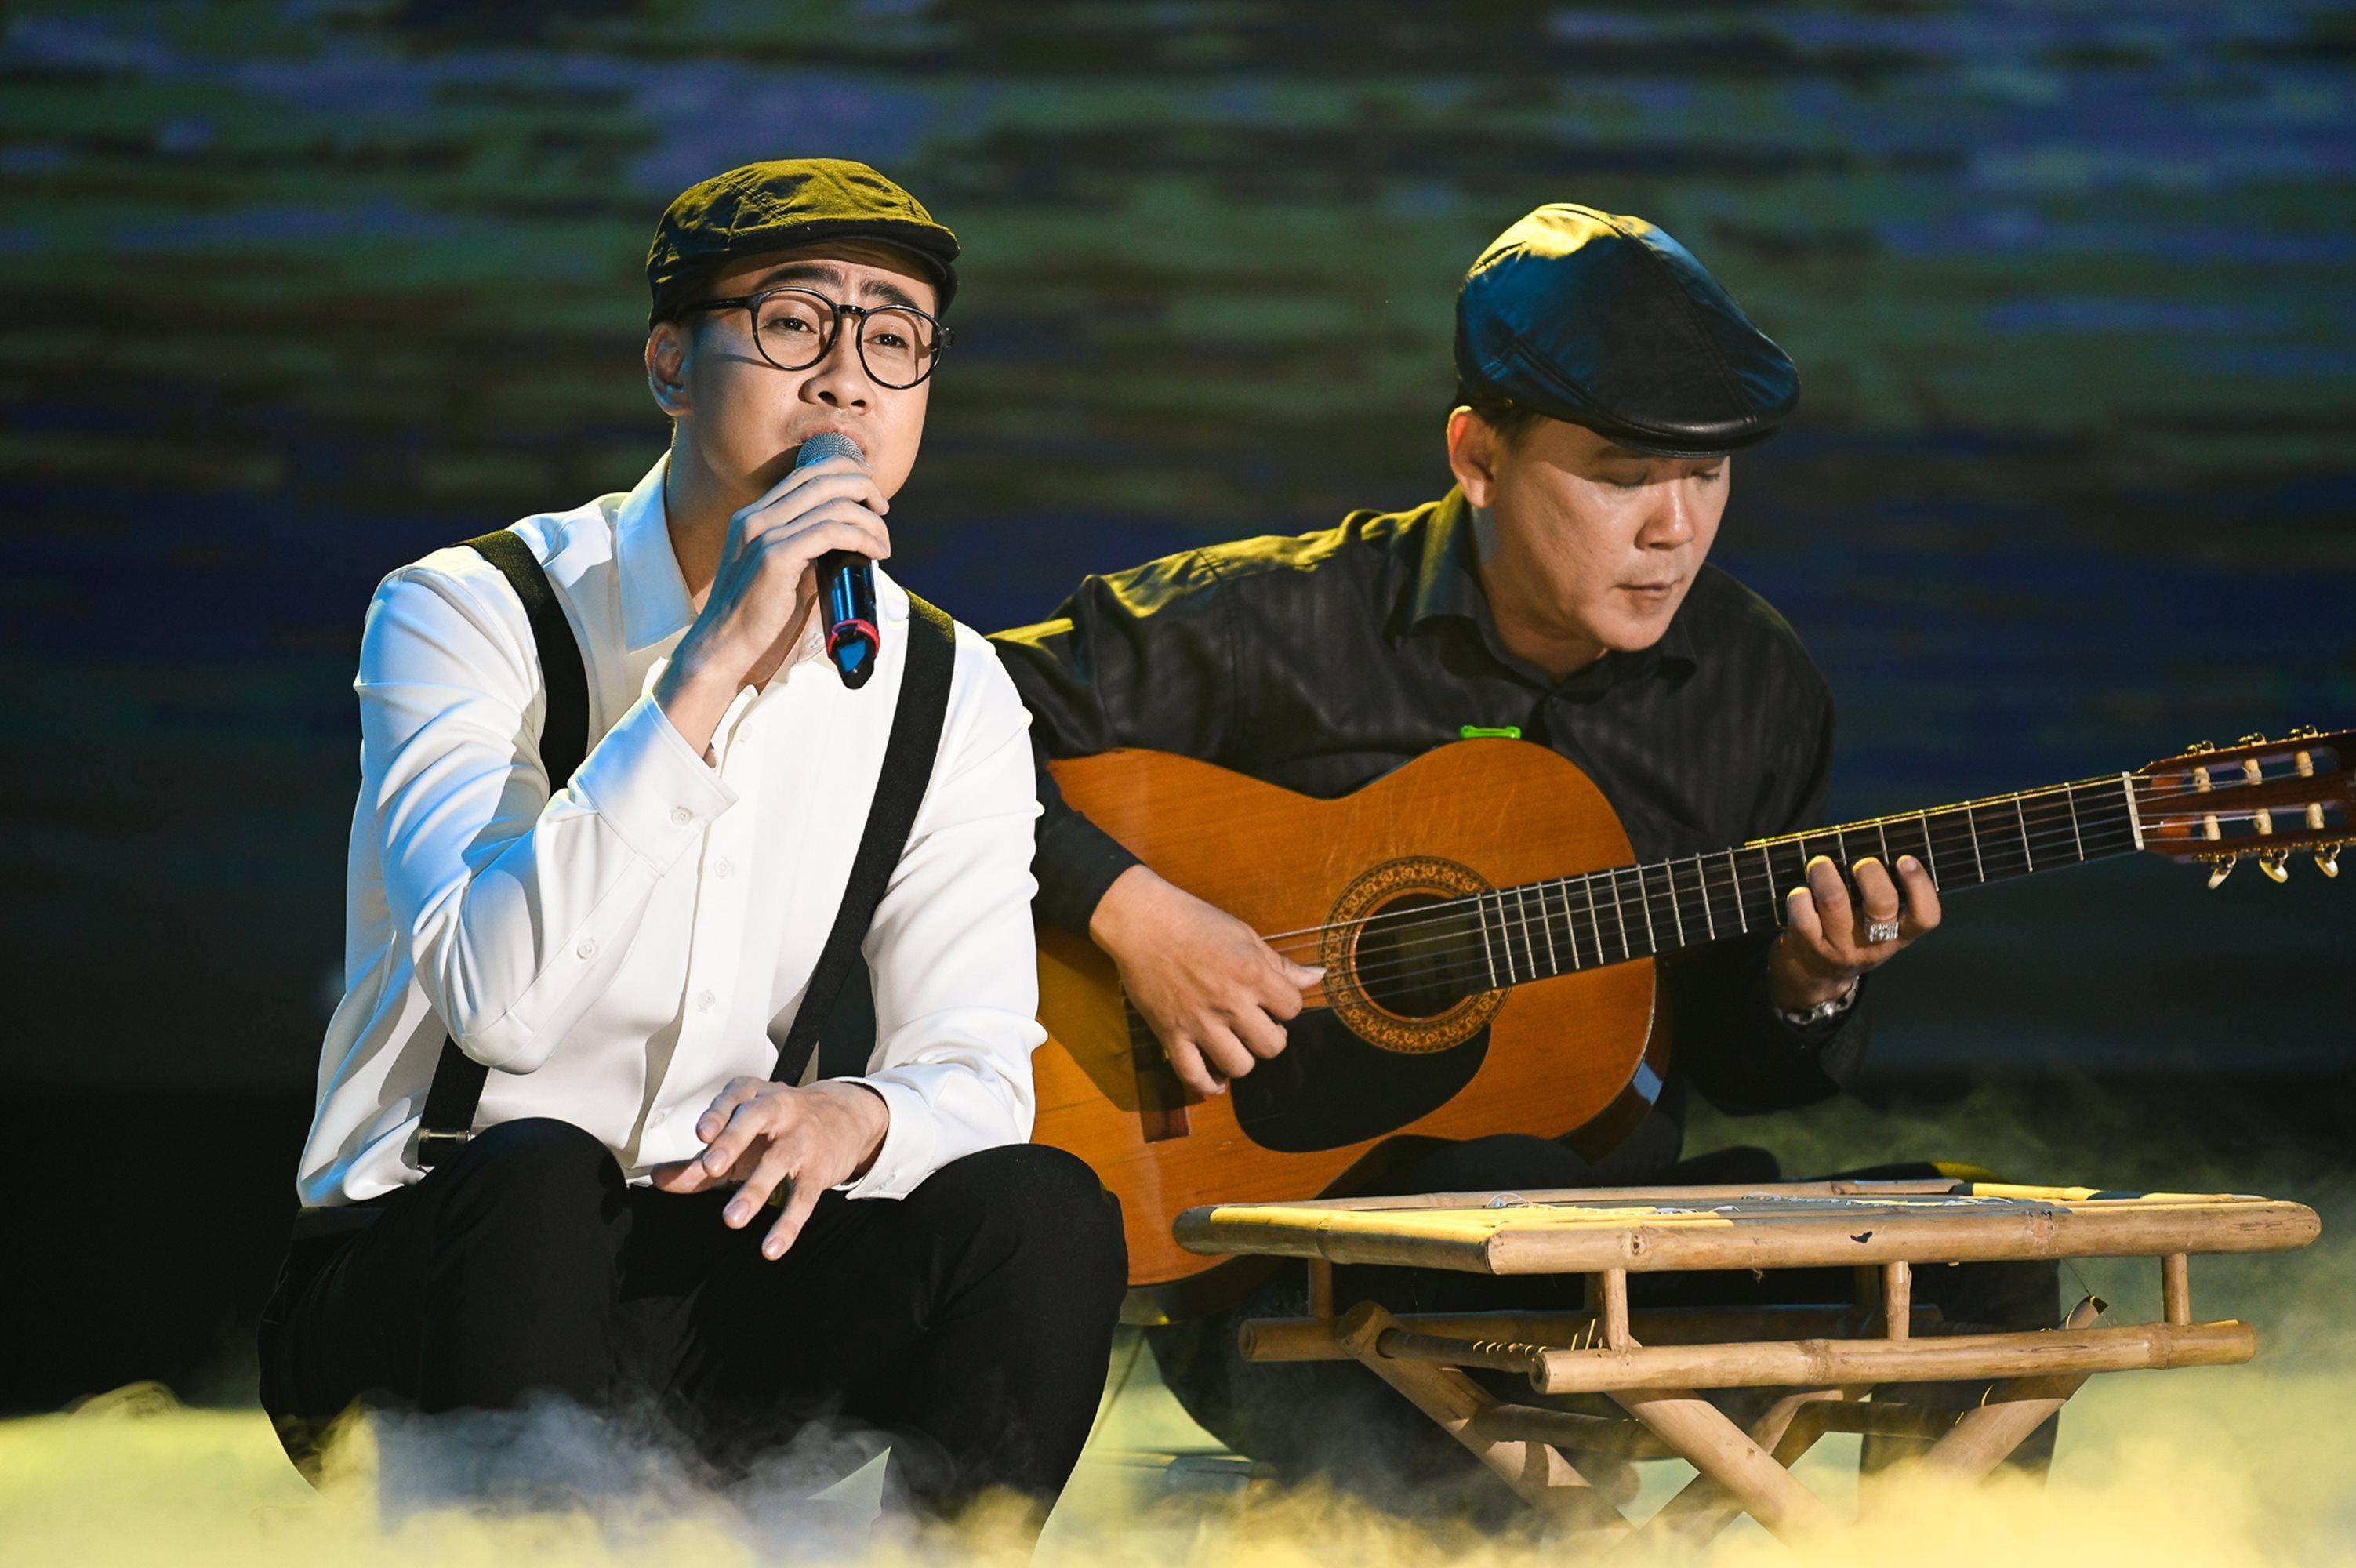 Ca sĩ Phi Nhung xúc động nhớ cố đạo diễn Huỳnh Phúc Điền - Hình 6